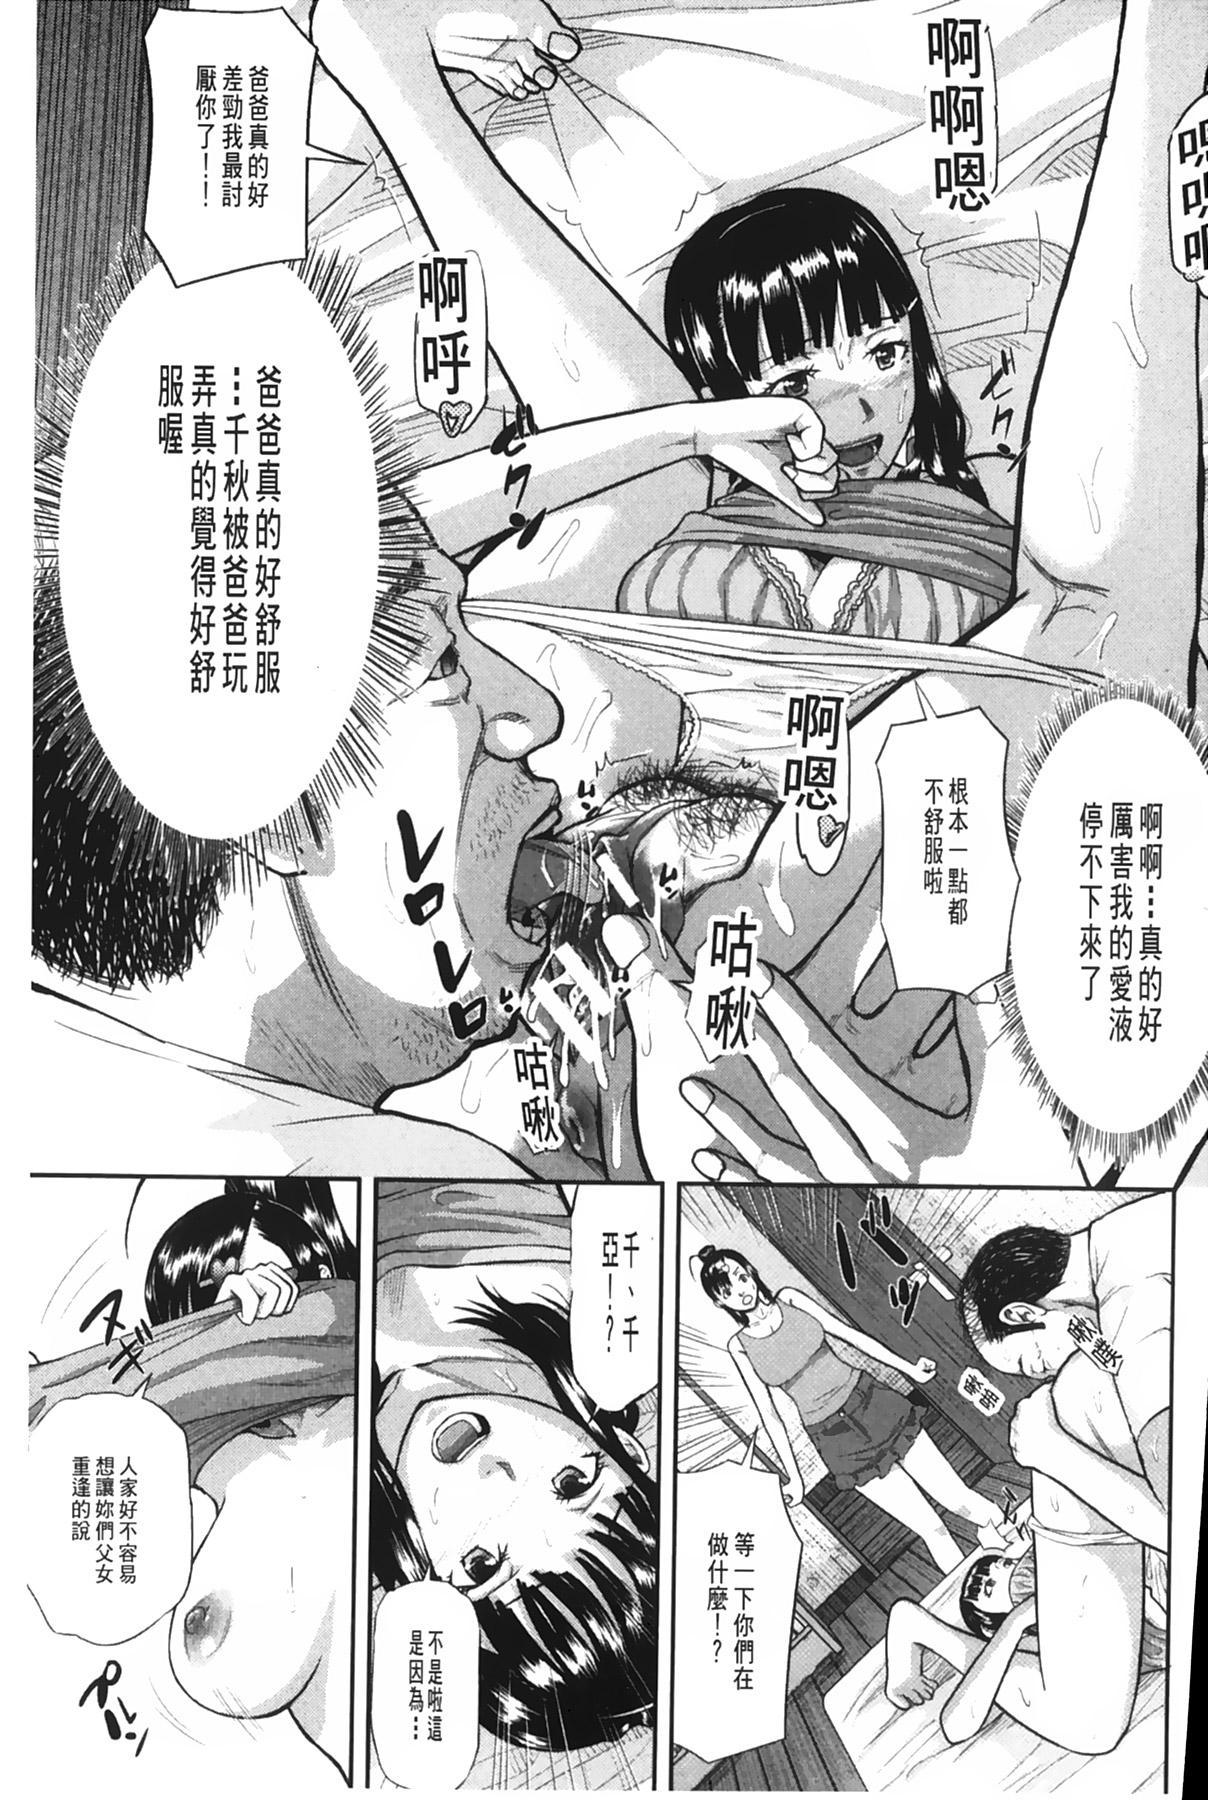 [Honebuto Danshaku] Onna Jigoku Niku no Tsubo~Hentai Rui Inran Ka Mesu Buta Ichidaiki~ | 女地獄、肉之壺 ~変態類淫乱科淫母豬一代記~ [Chinese] 67